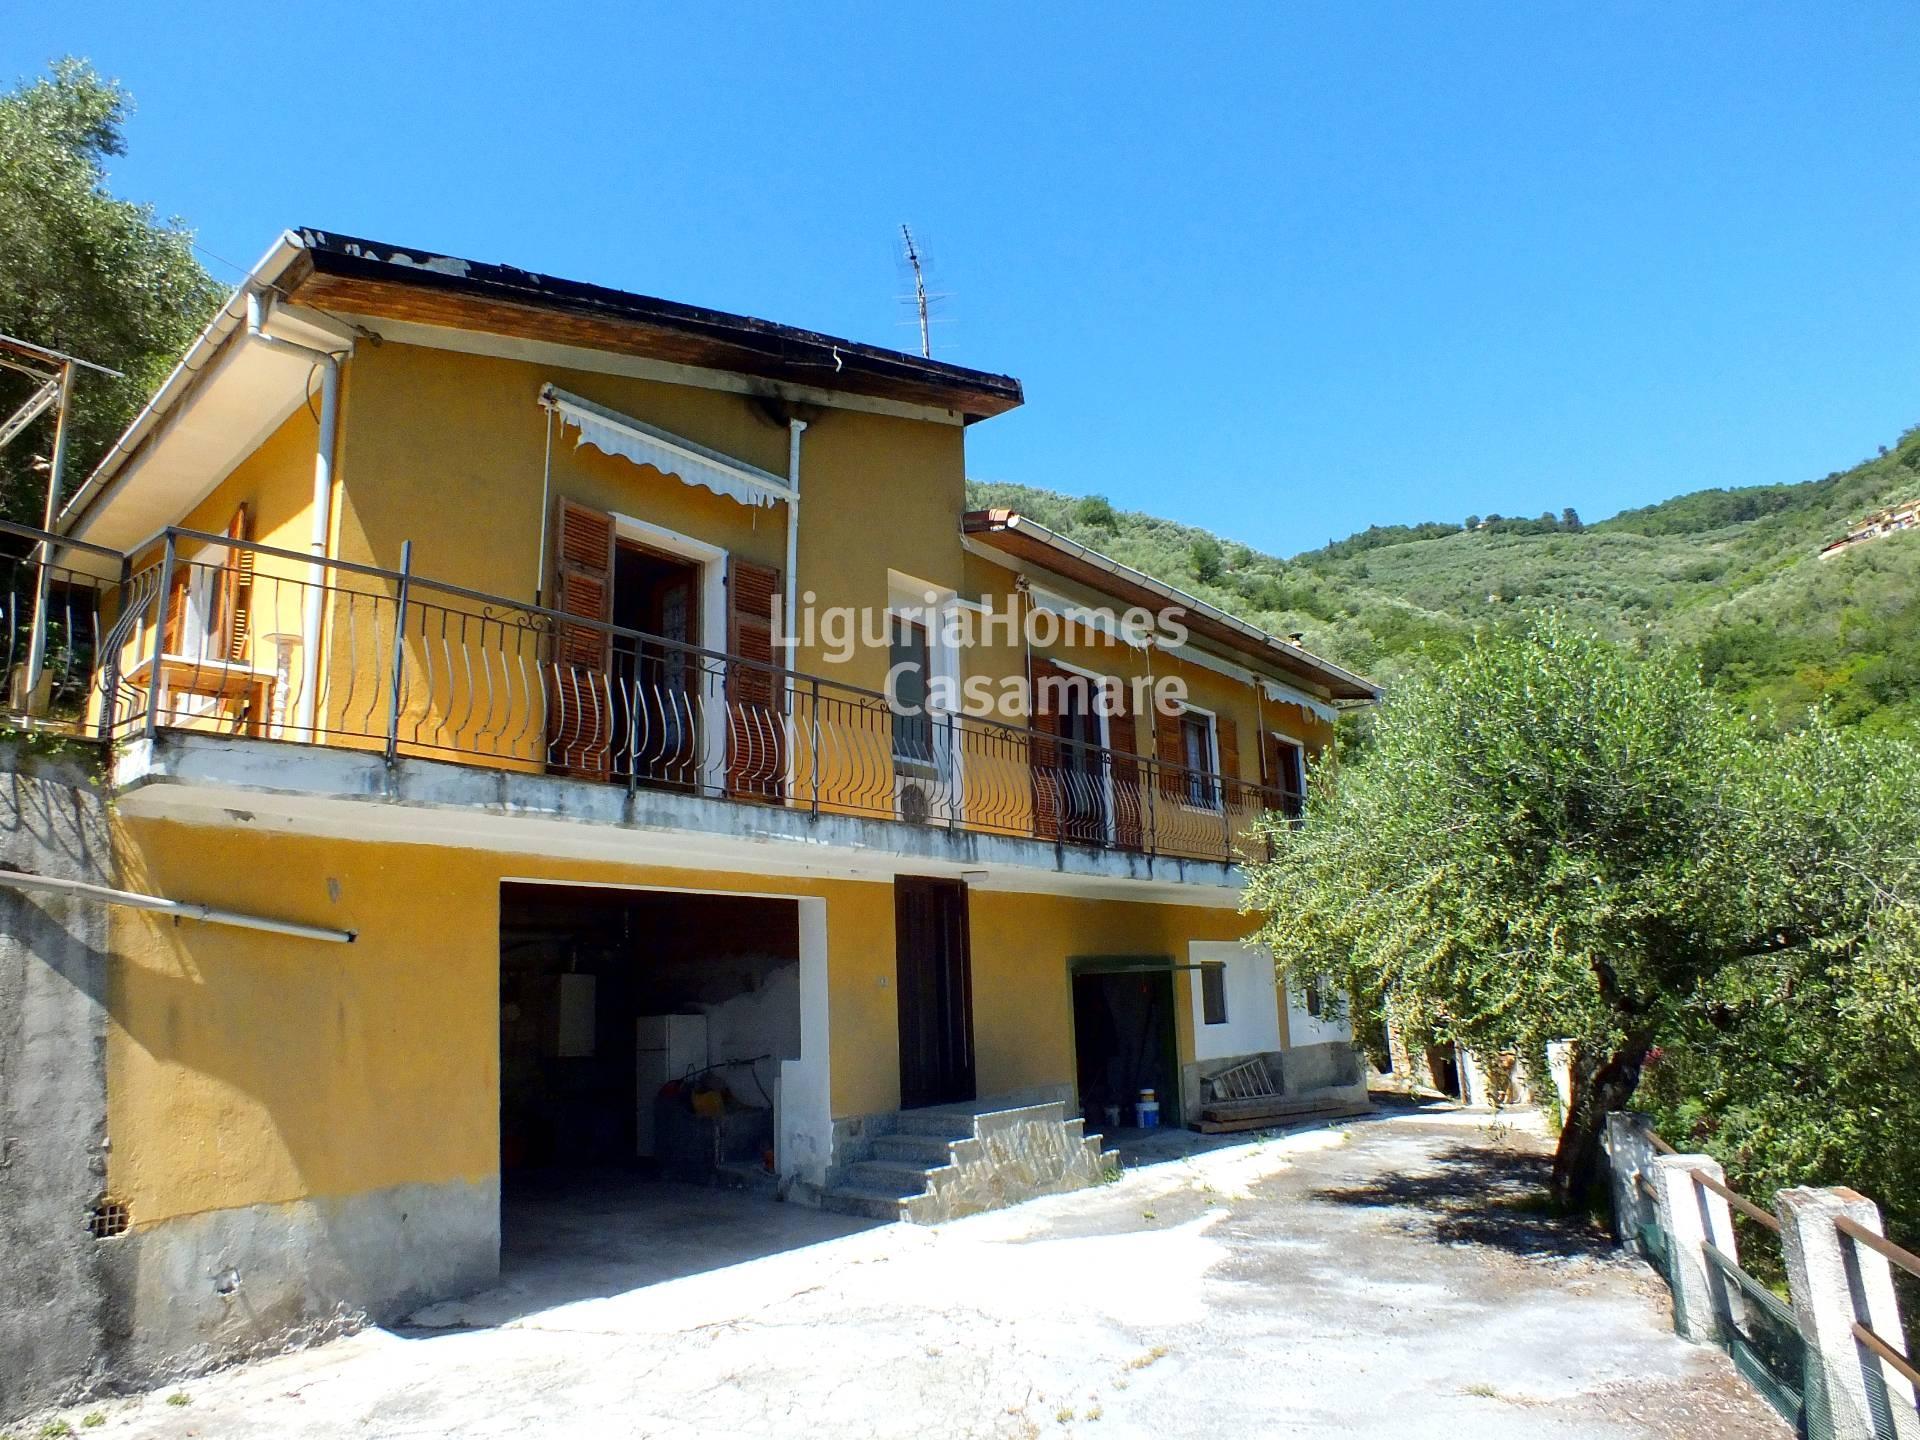 Villa in vendita a Pontedassio, 7 locali, prezzo € 249.000 | CambioCasa.it